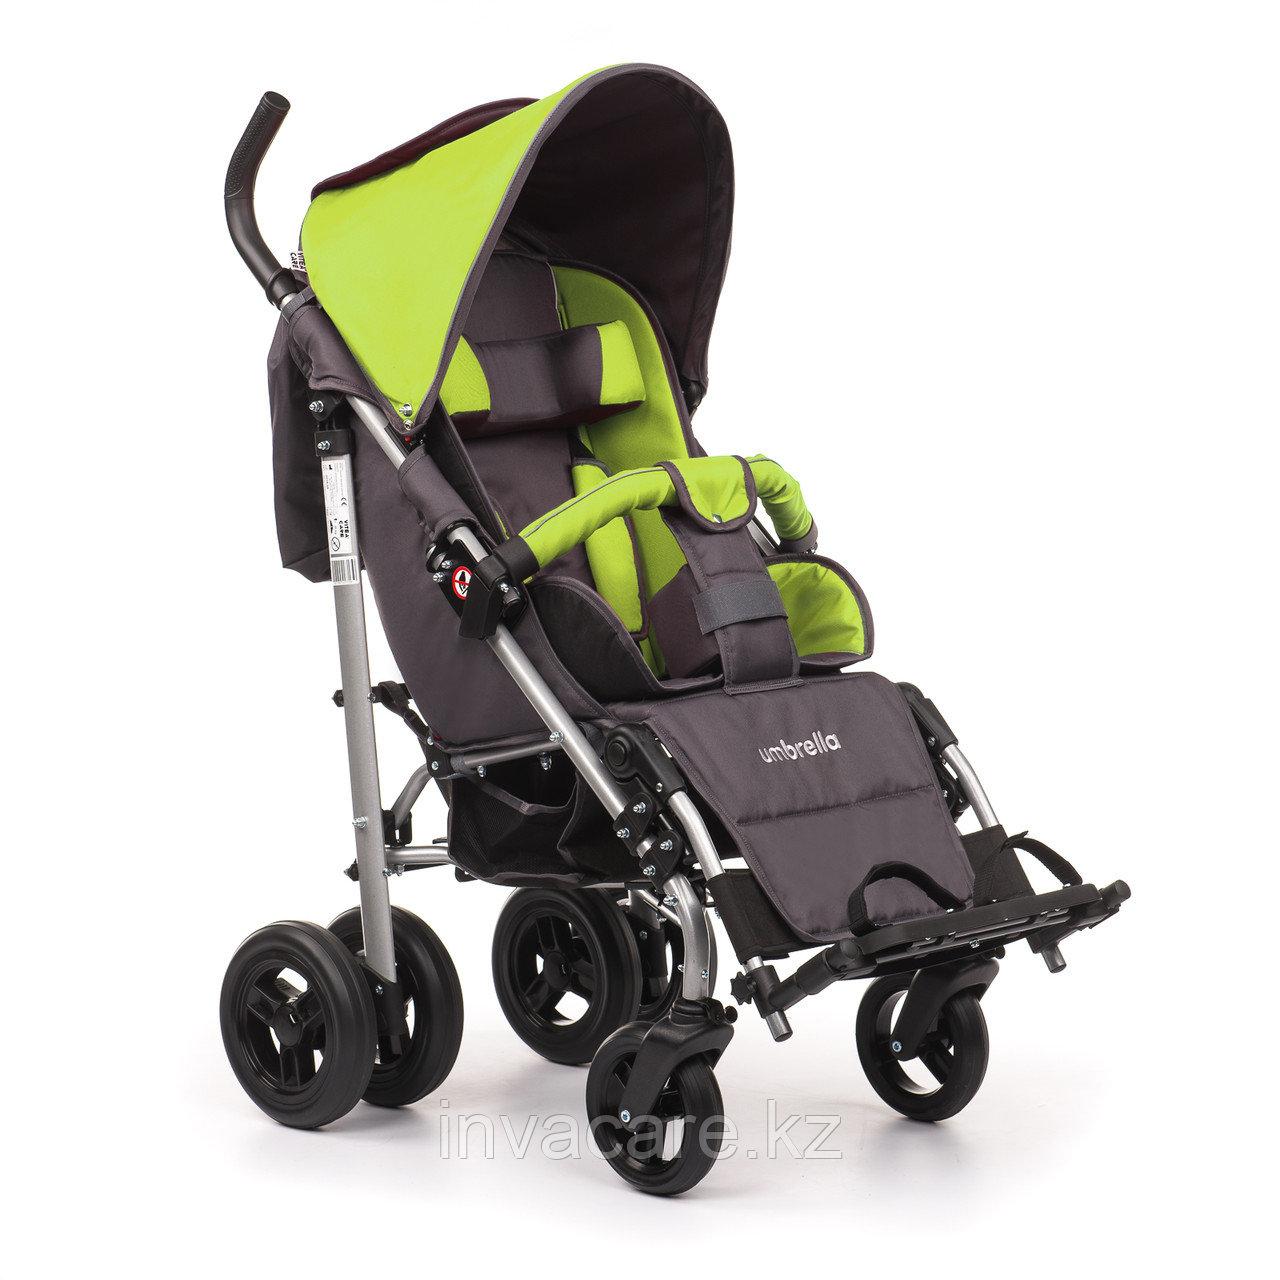 Коляска для детей с ДЦП UMBRELLA NEW размер 1, пневмо колёса, складная,15 кг, нагрузка до 40 кг